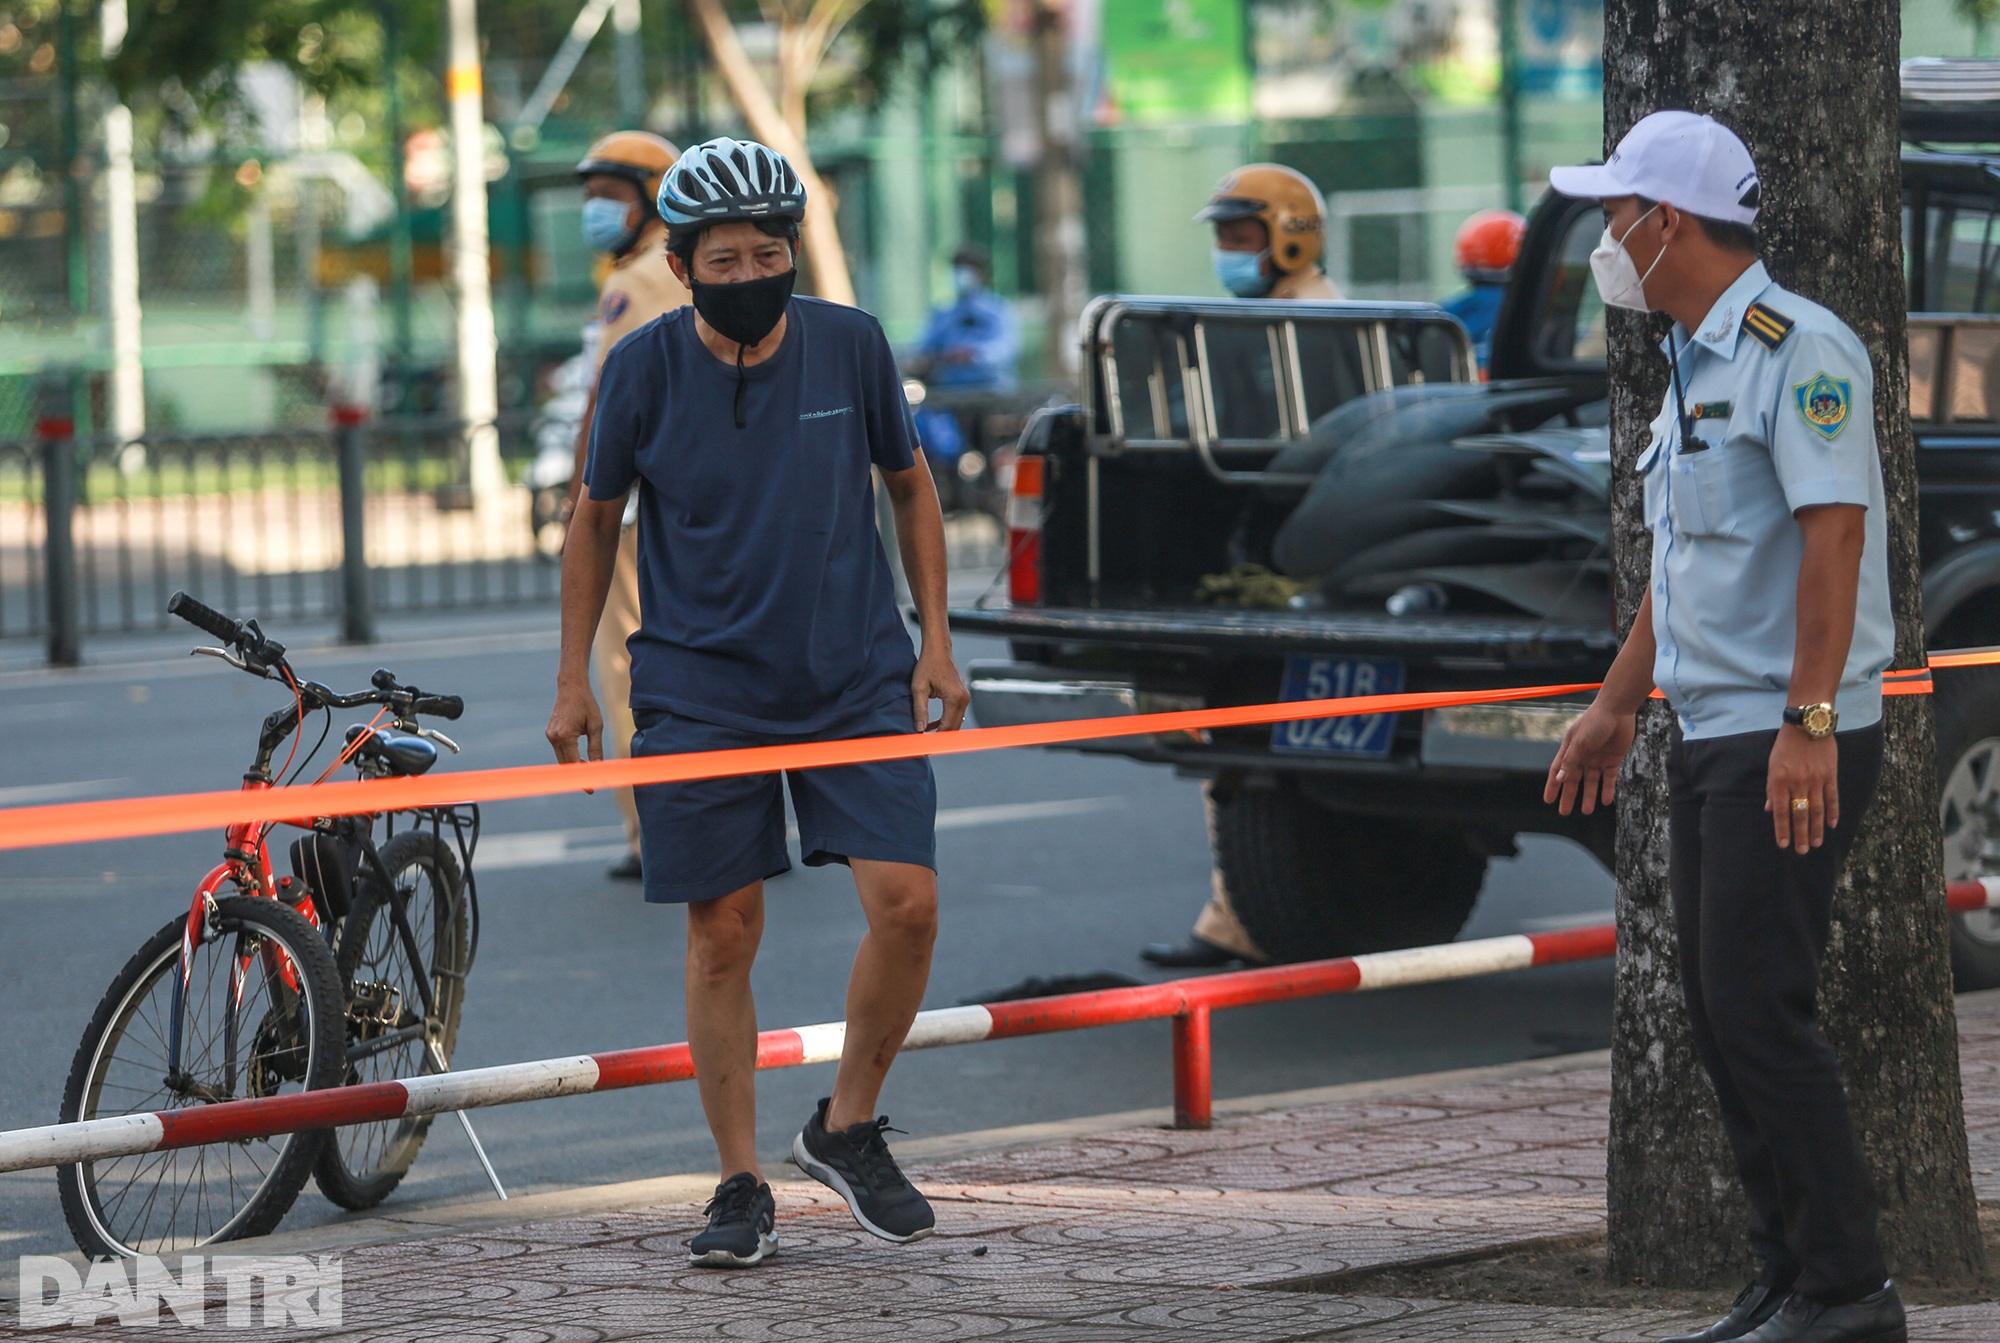 Đạp xe ra đường ở TPHCM với lý do mập mờ không thể xác thực bị phạt 2 triệu - 10